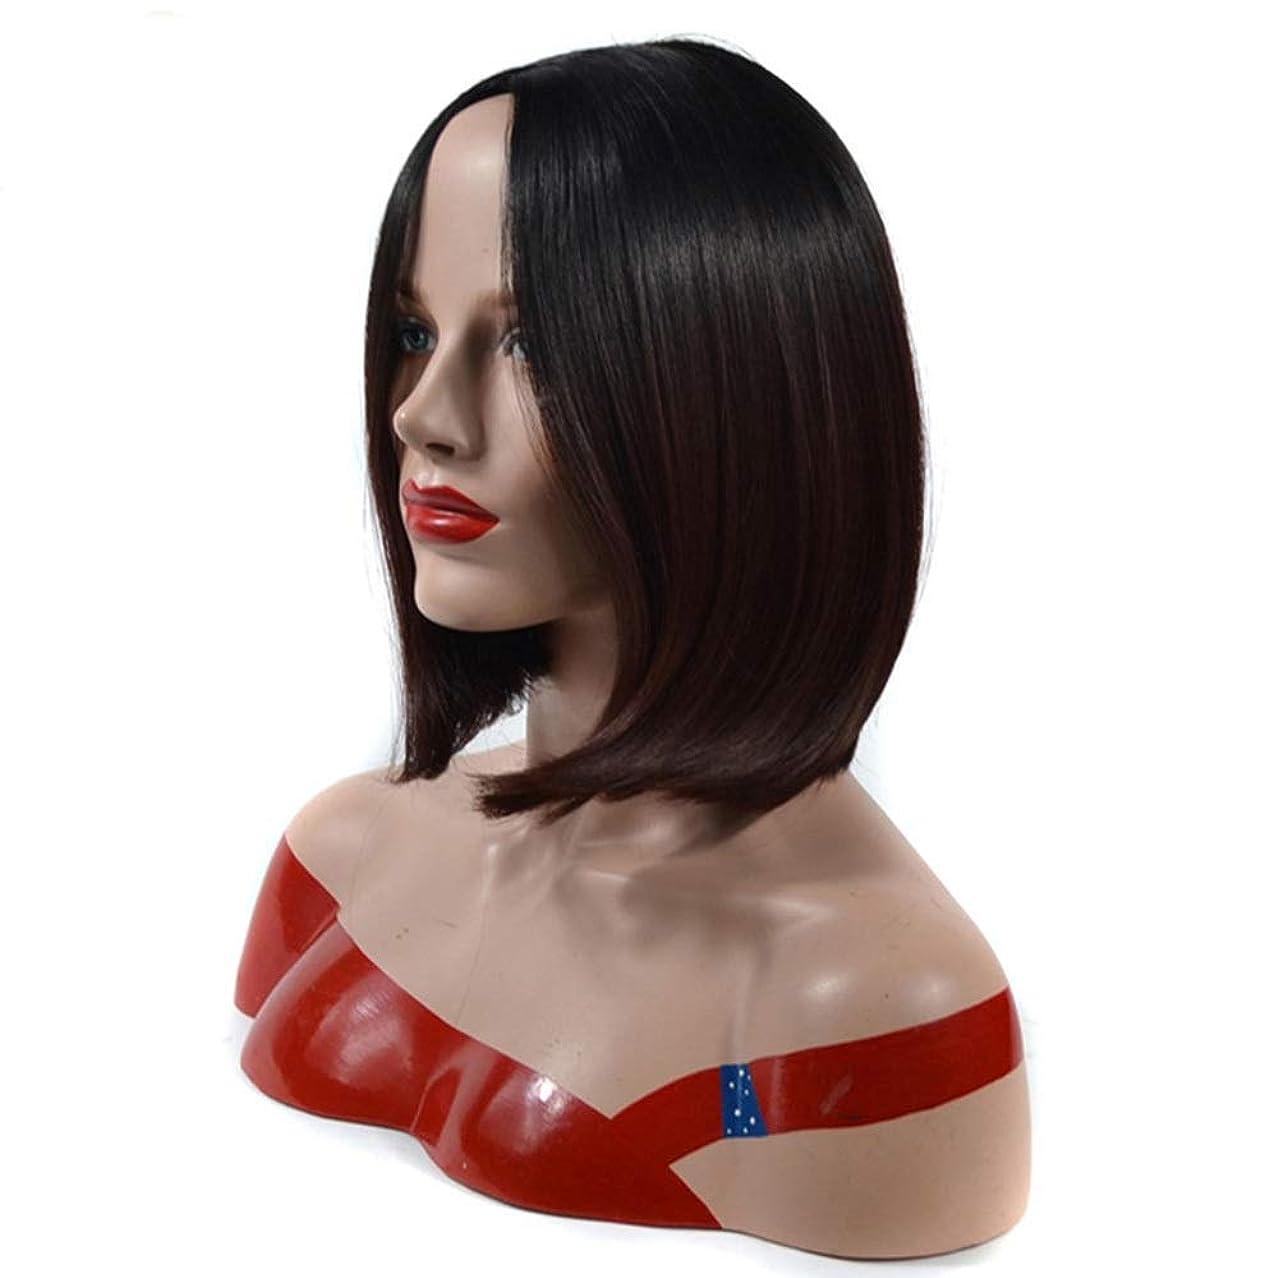 リボンアラバマコードレスYESONEEP 女性用ショートボブウィッグダークブラウン人工ウィッグデイリードレスパーティーウィッグ (Color : Dark brown, サイズ : 30cm)